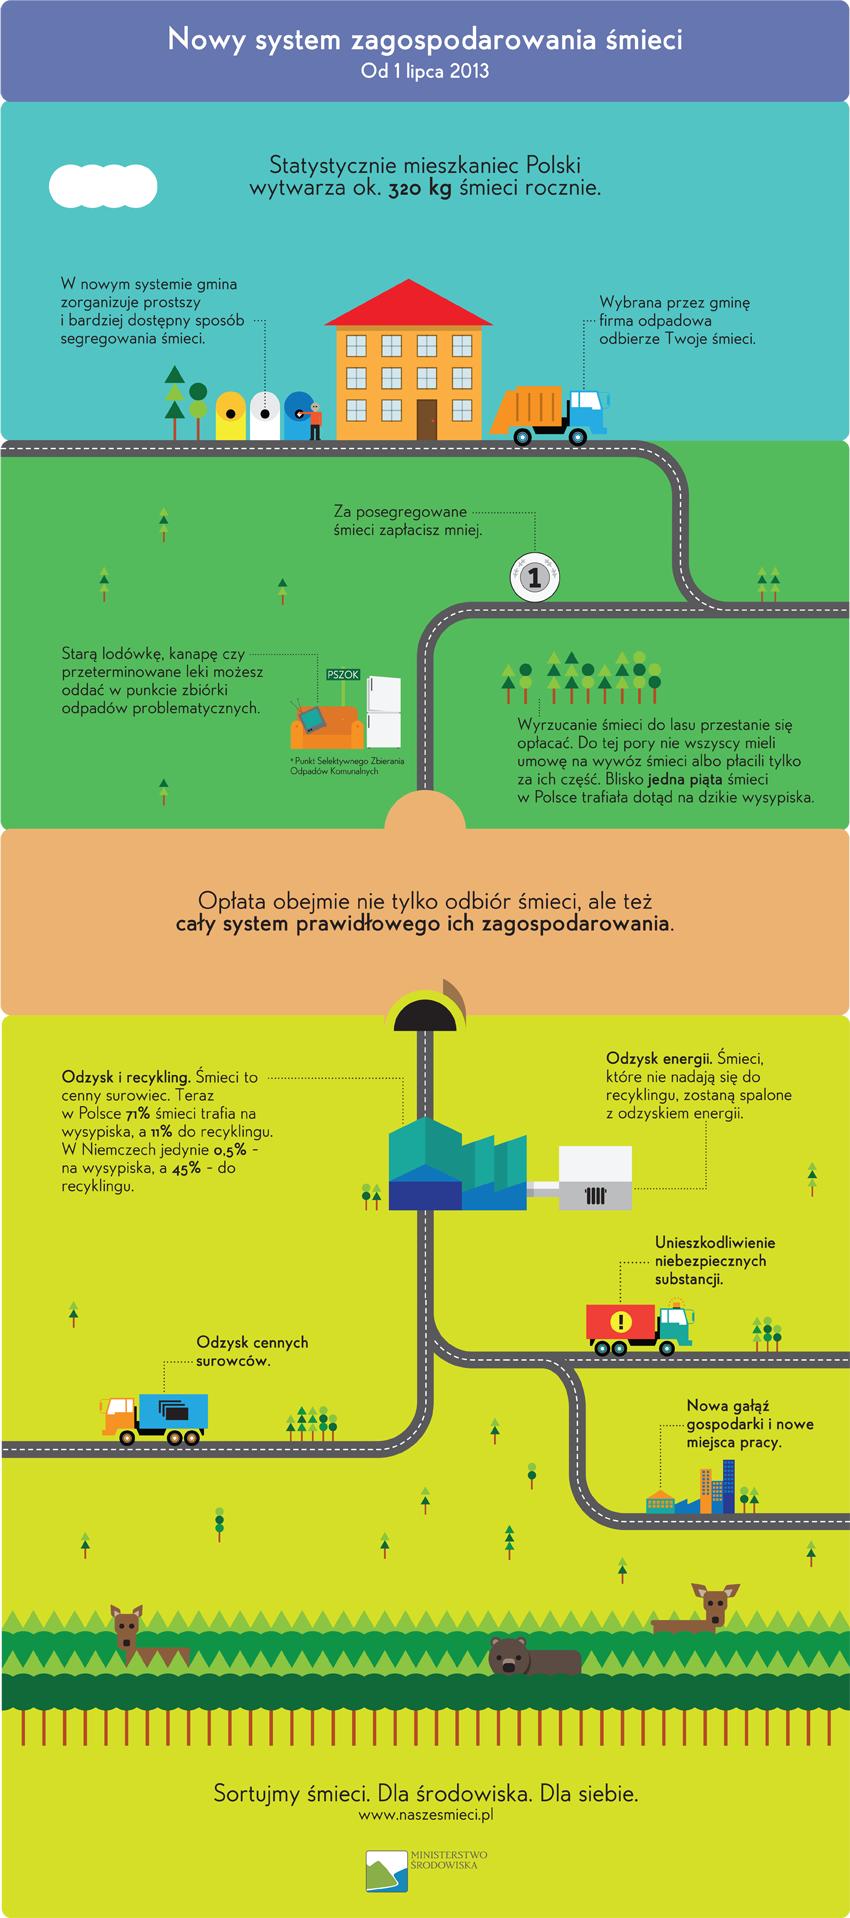 naszesmieci_infografika_nowysystem